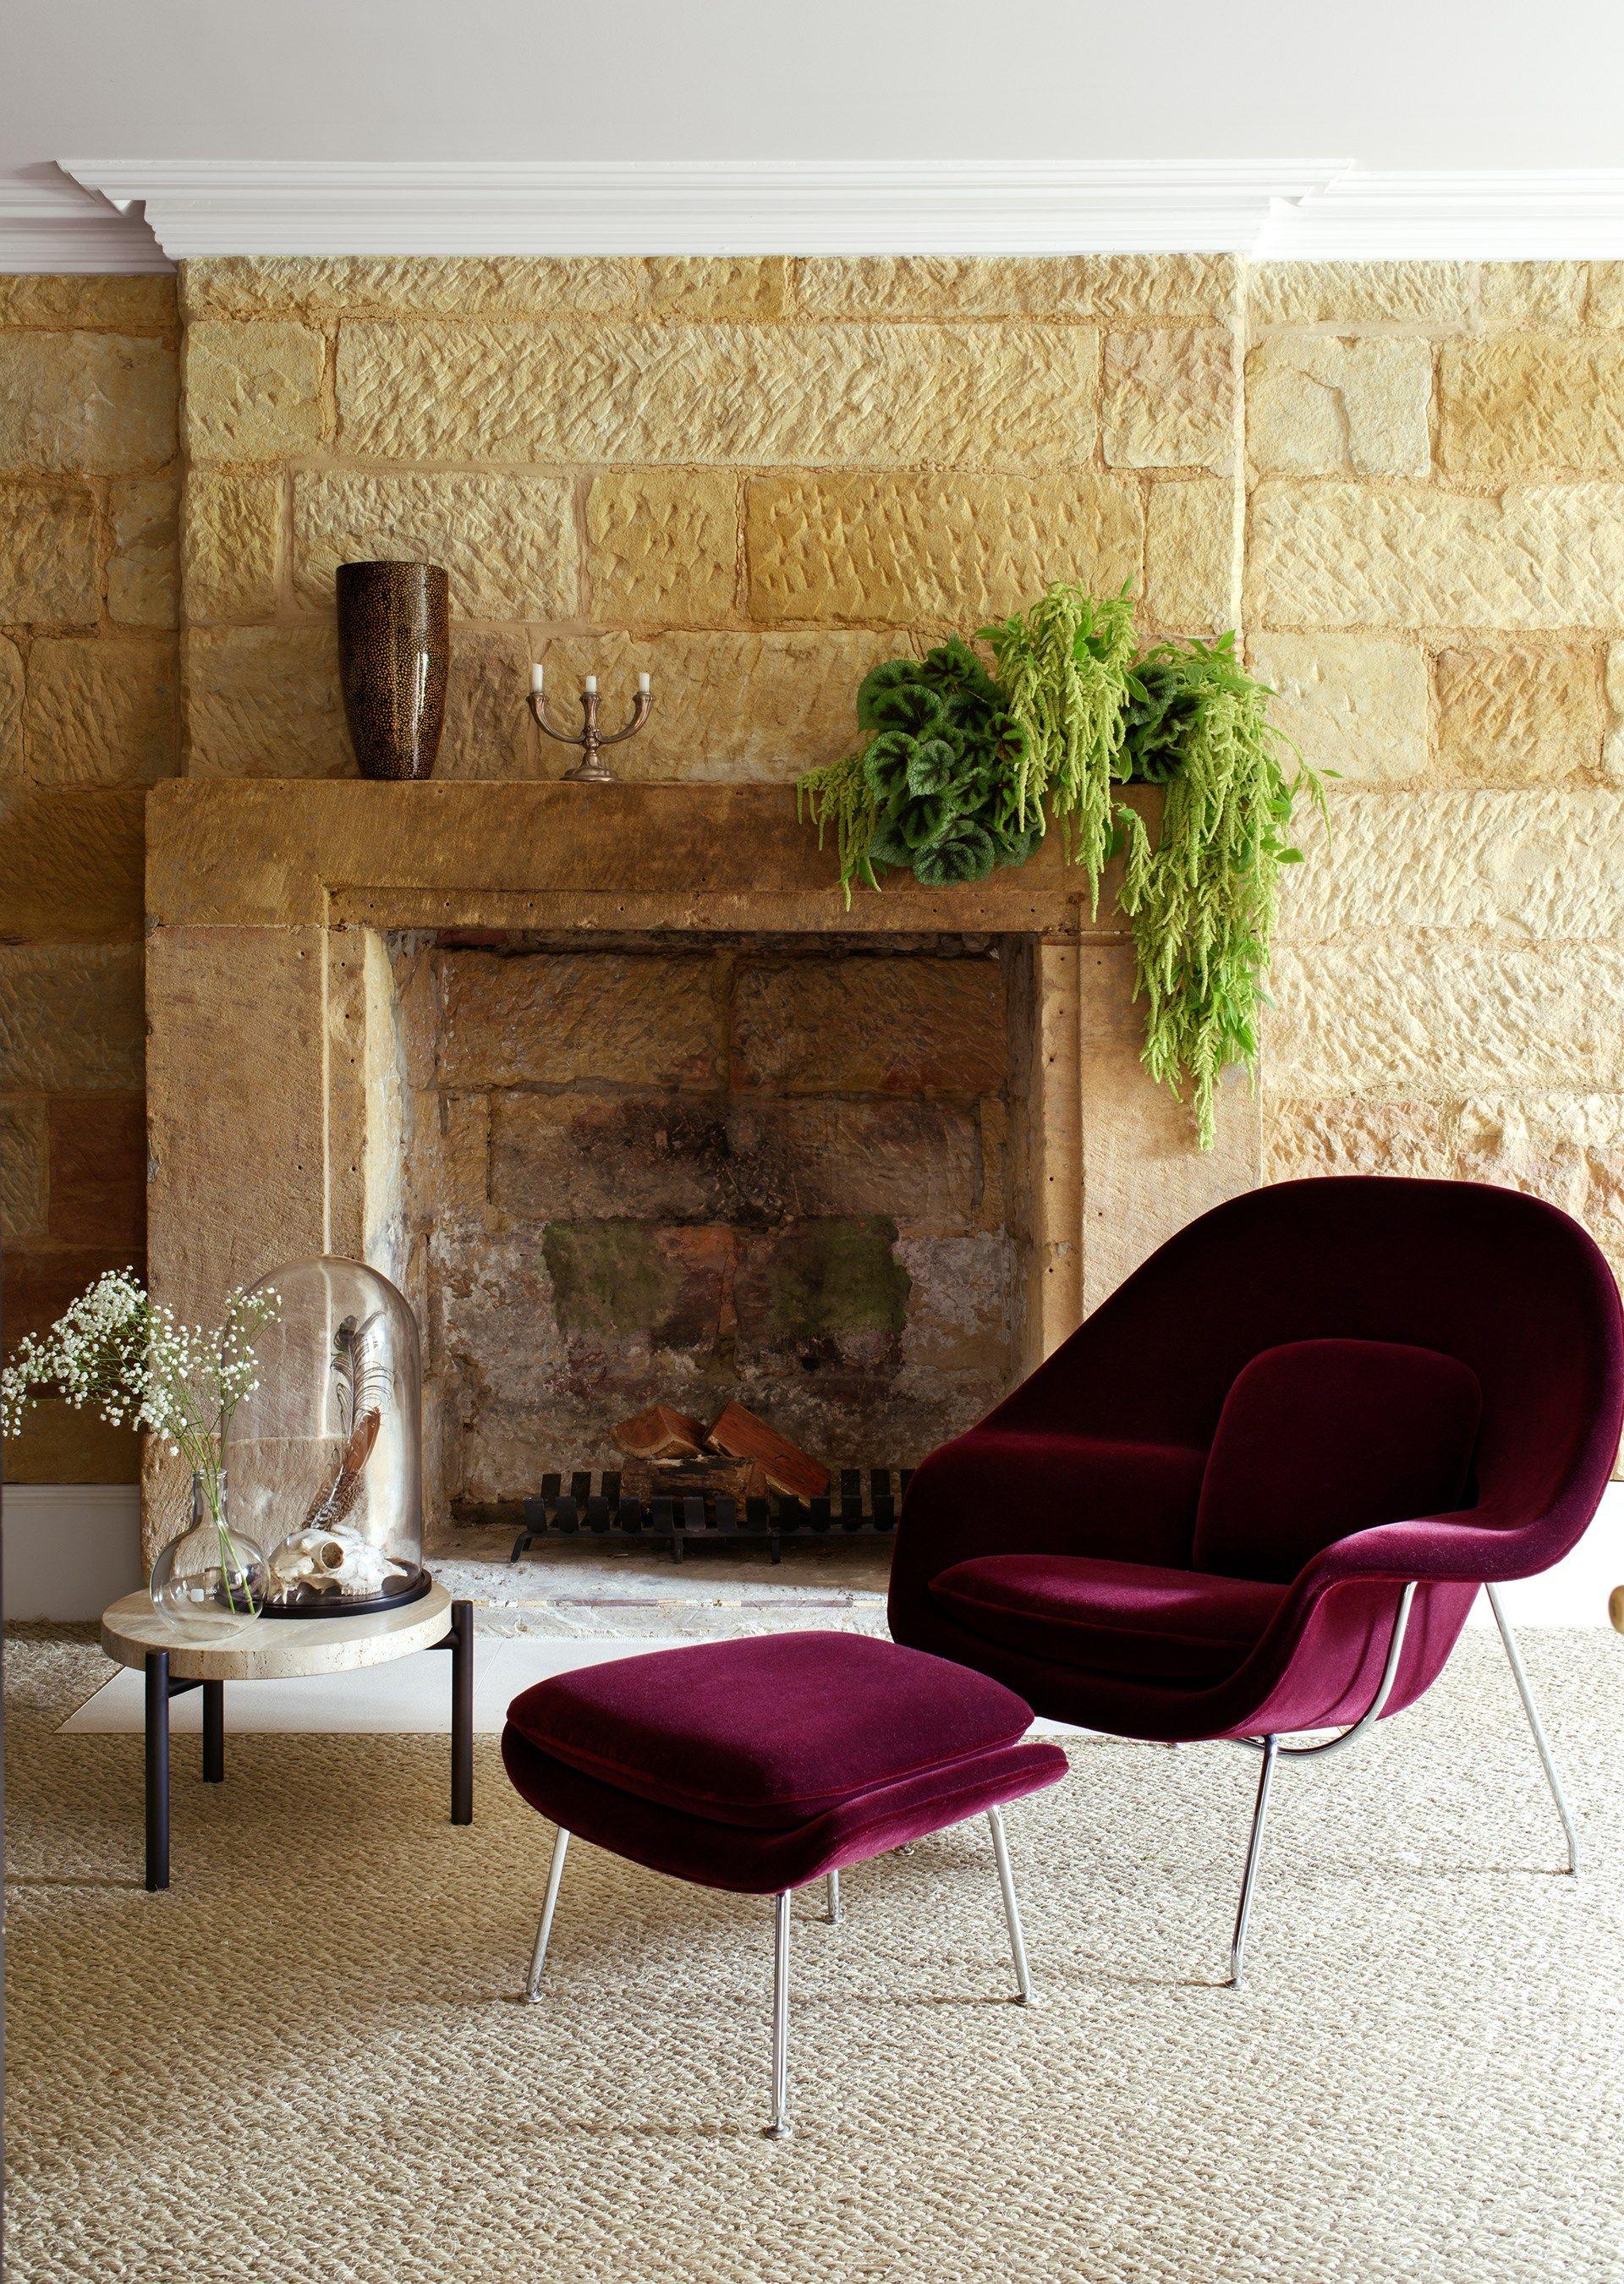 The Classic Eero Saarinen U0027Wombu0027 Chair And Ottoman In Plum Velvet From  [Dedece